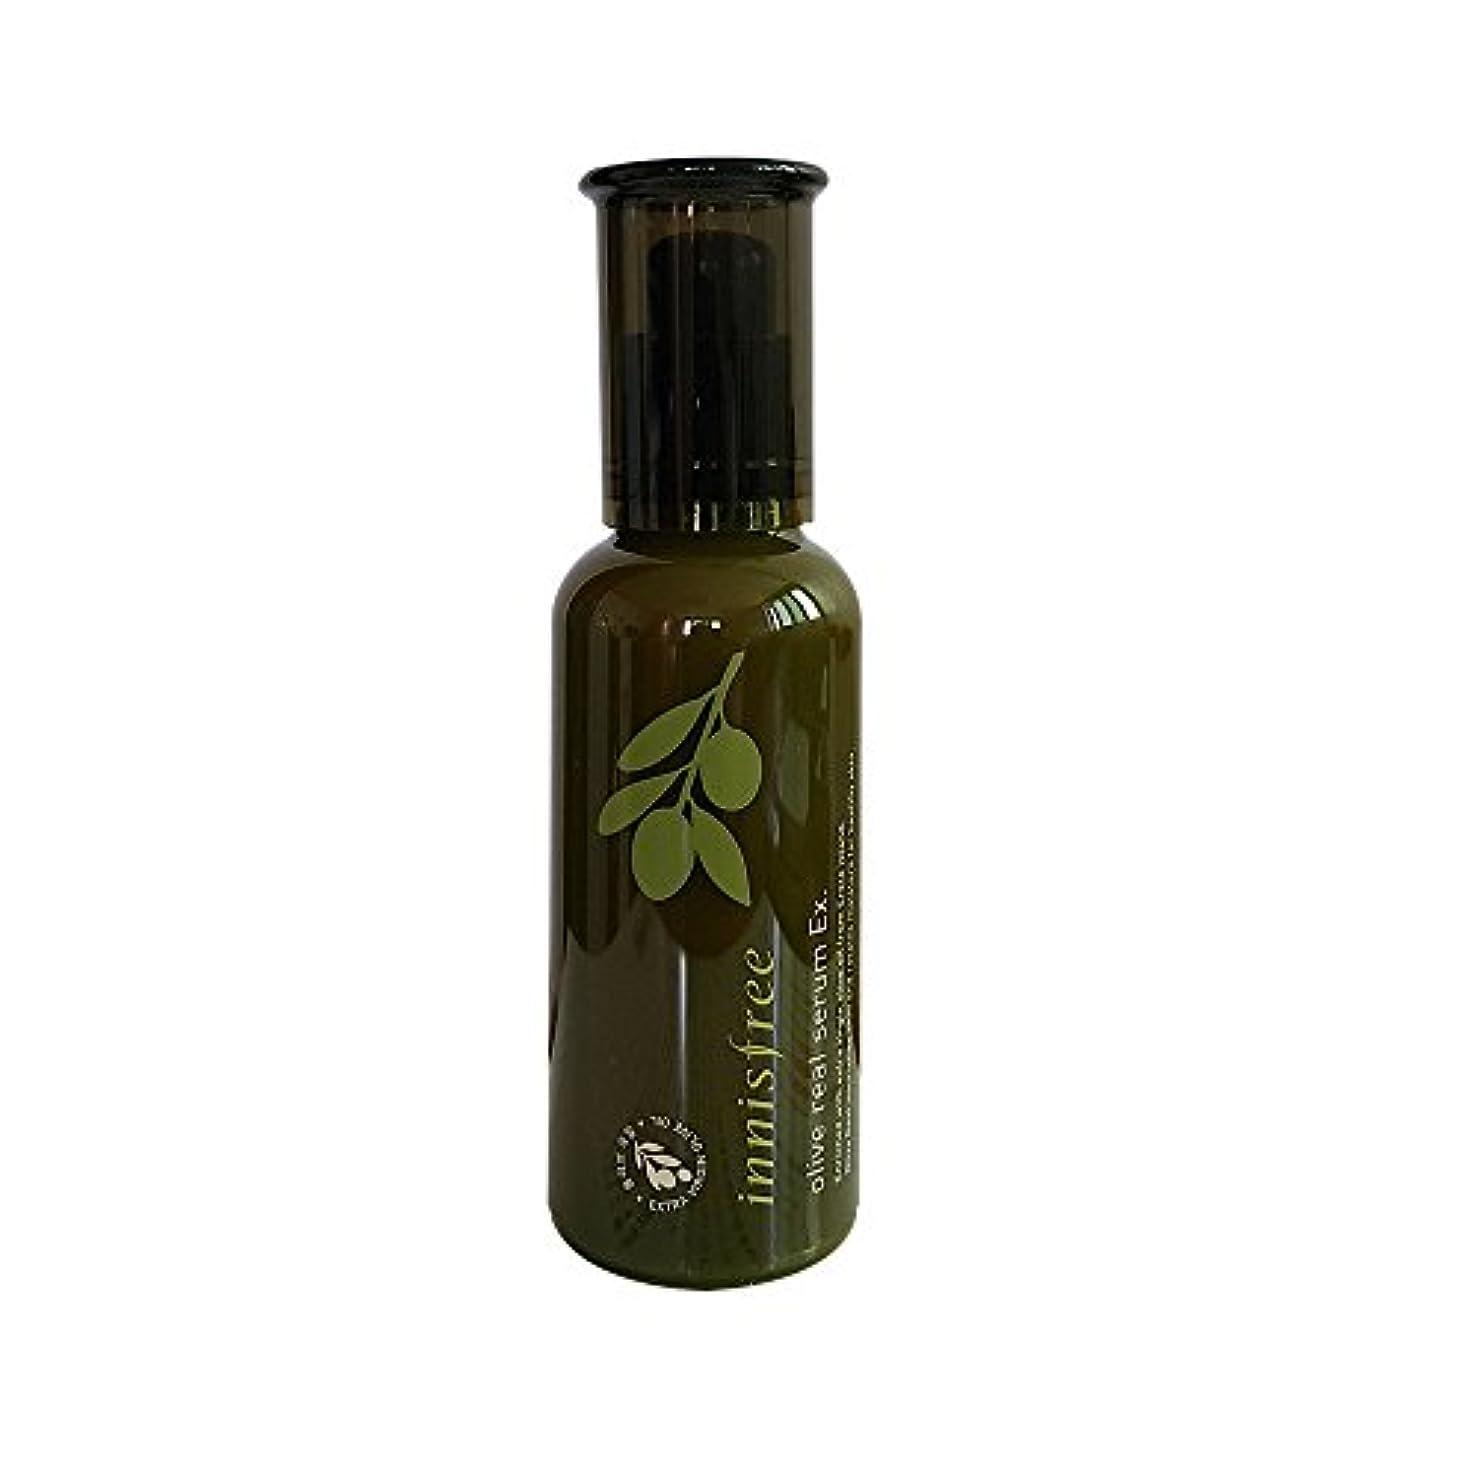 頑固な変数同様のイニスフリー Innisfree オリーブリアルセラム(50ml) Innisfree Olive Real Serum(50ml) [海外直送品]